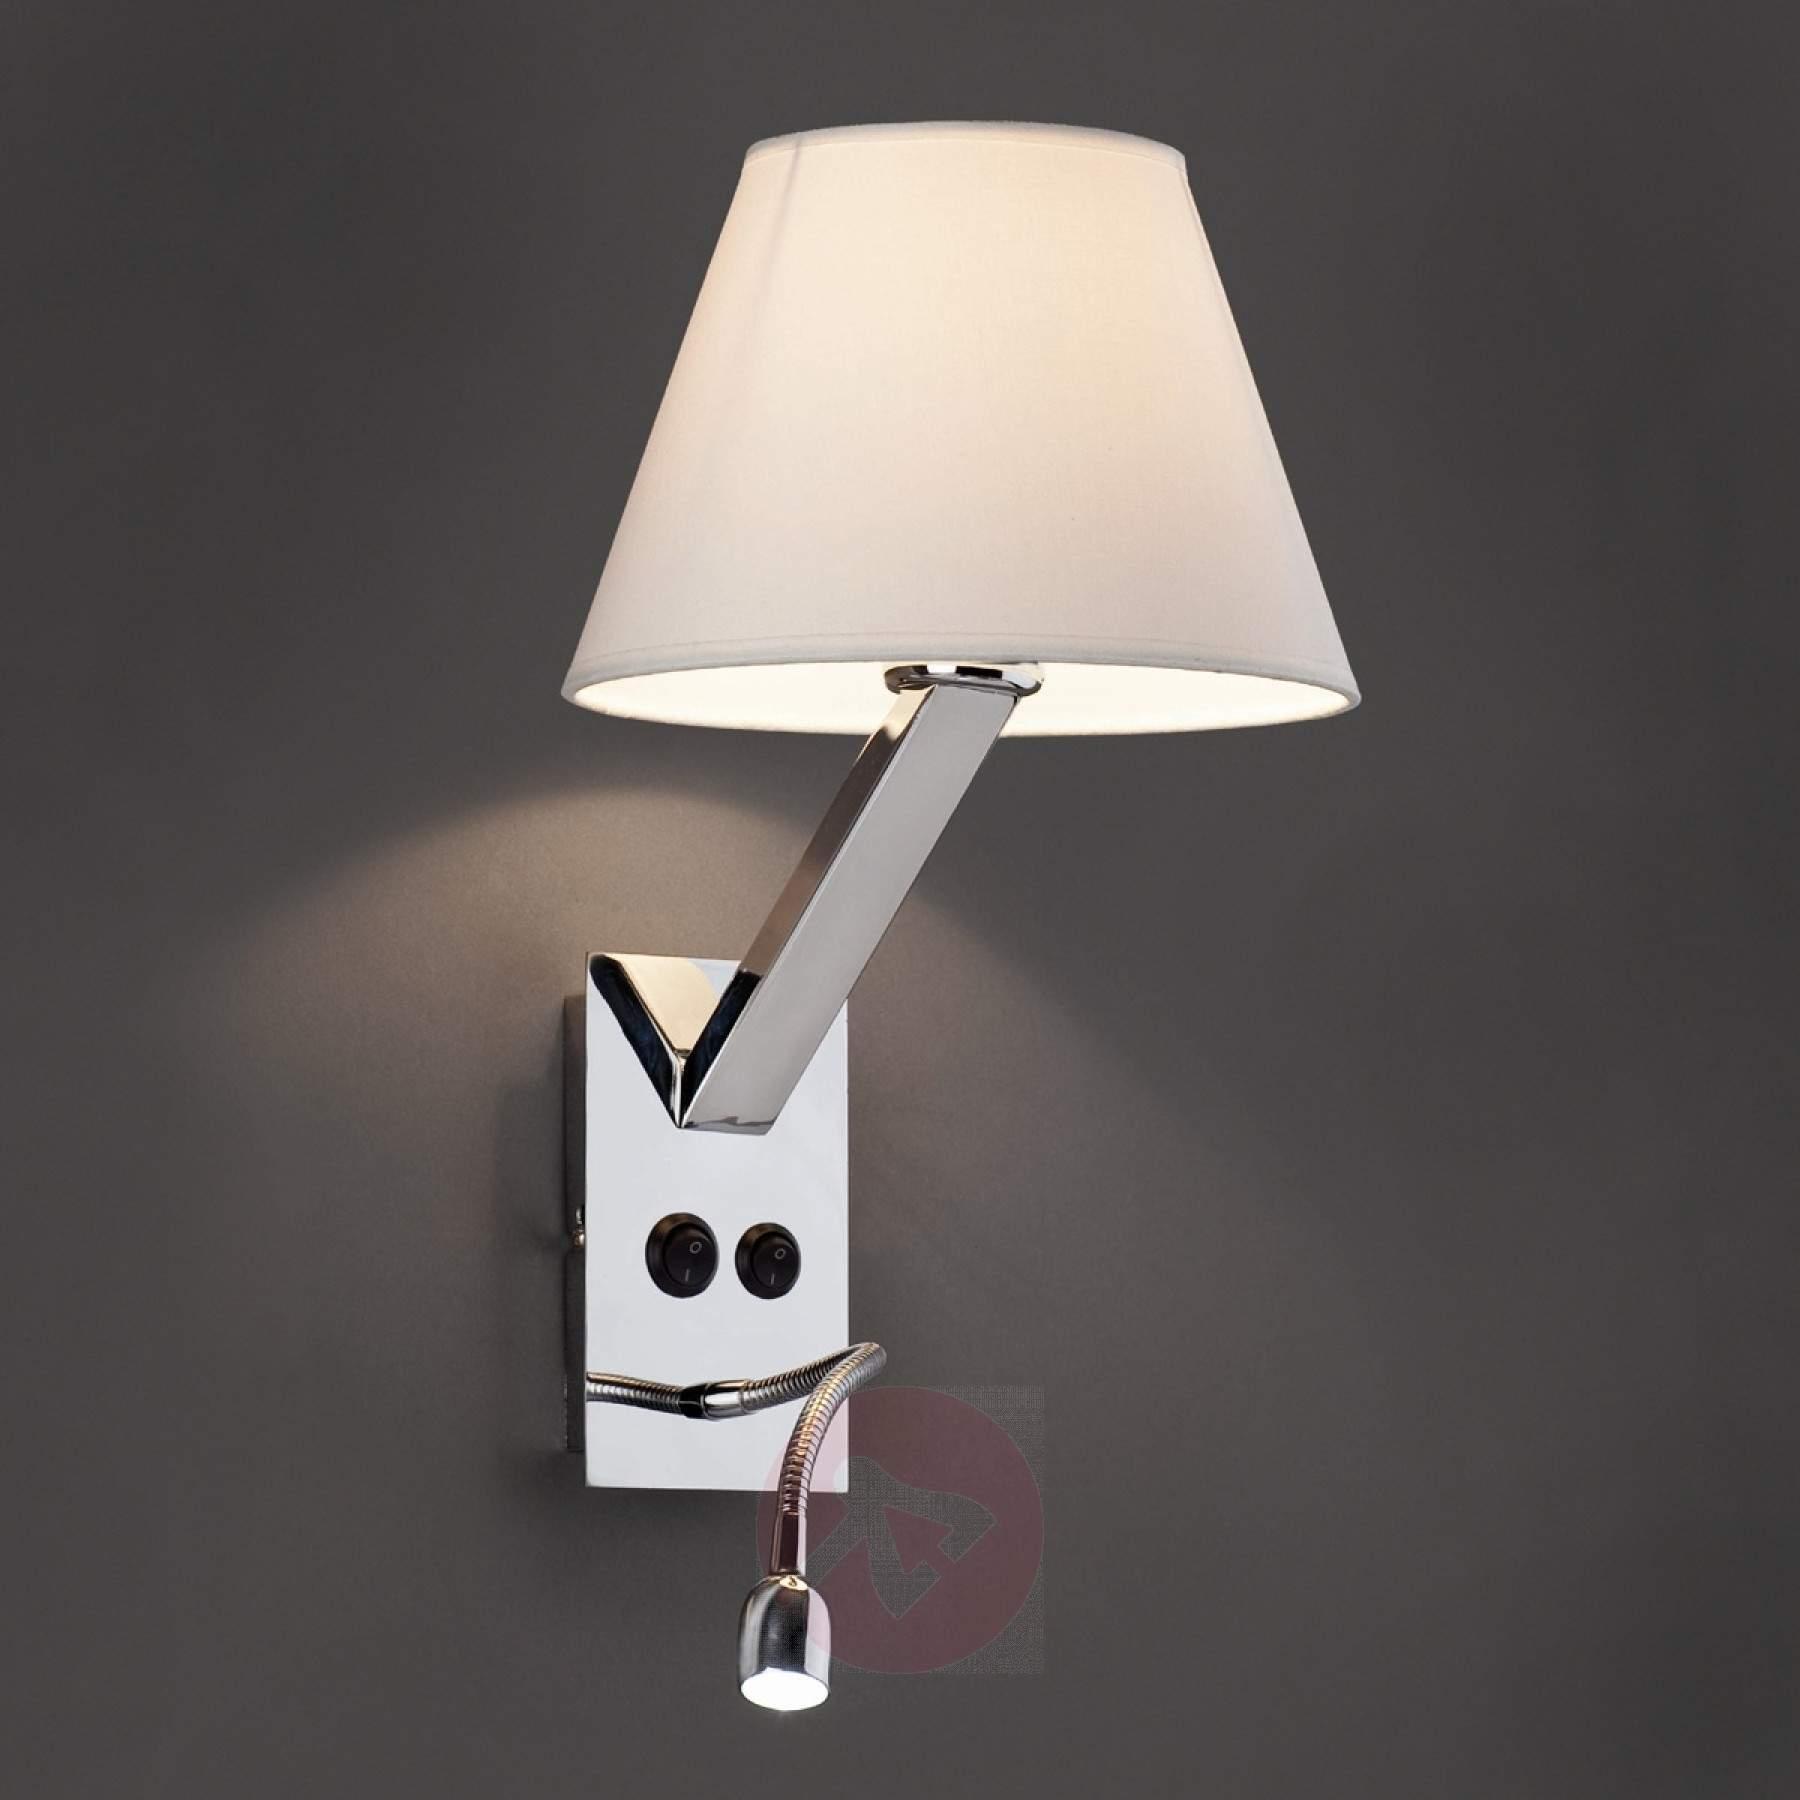 Lampe de chevet murale flexible